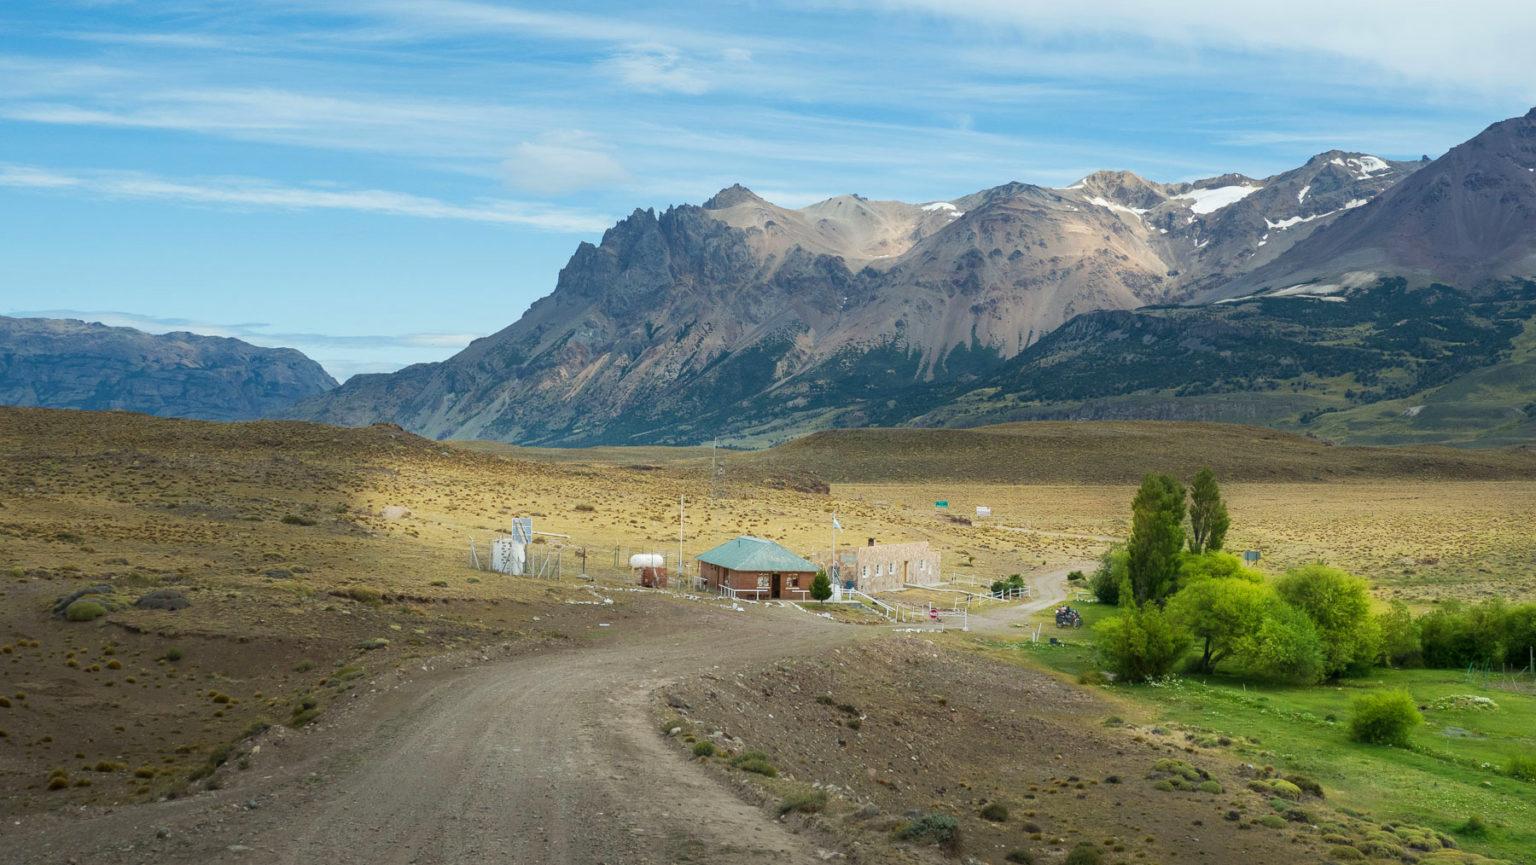 Es geht über diese einsame Grenzstation zurück nach Chile.